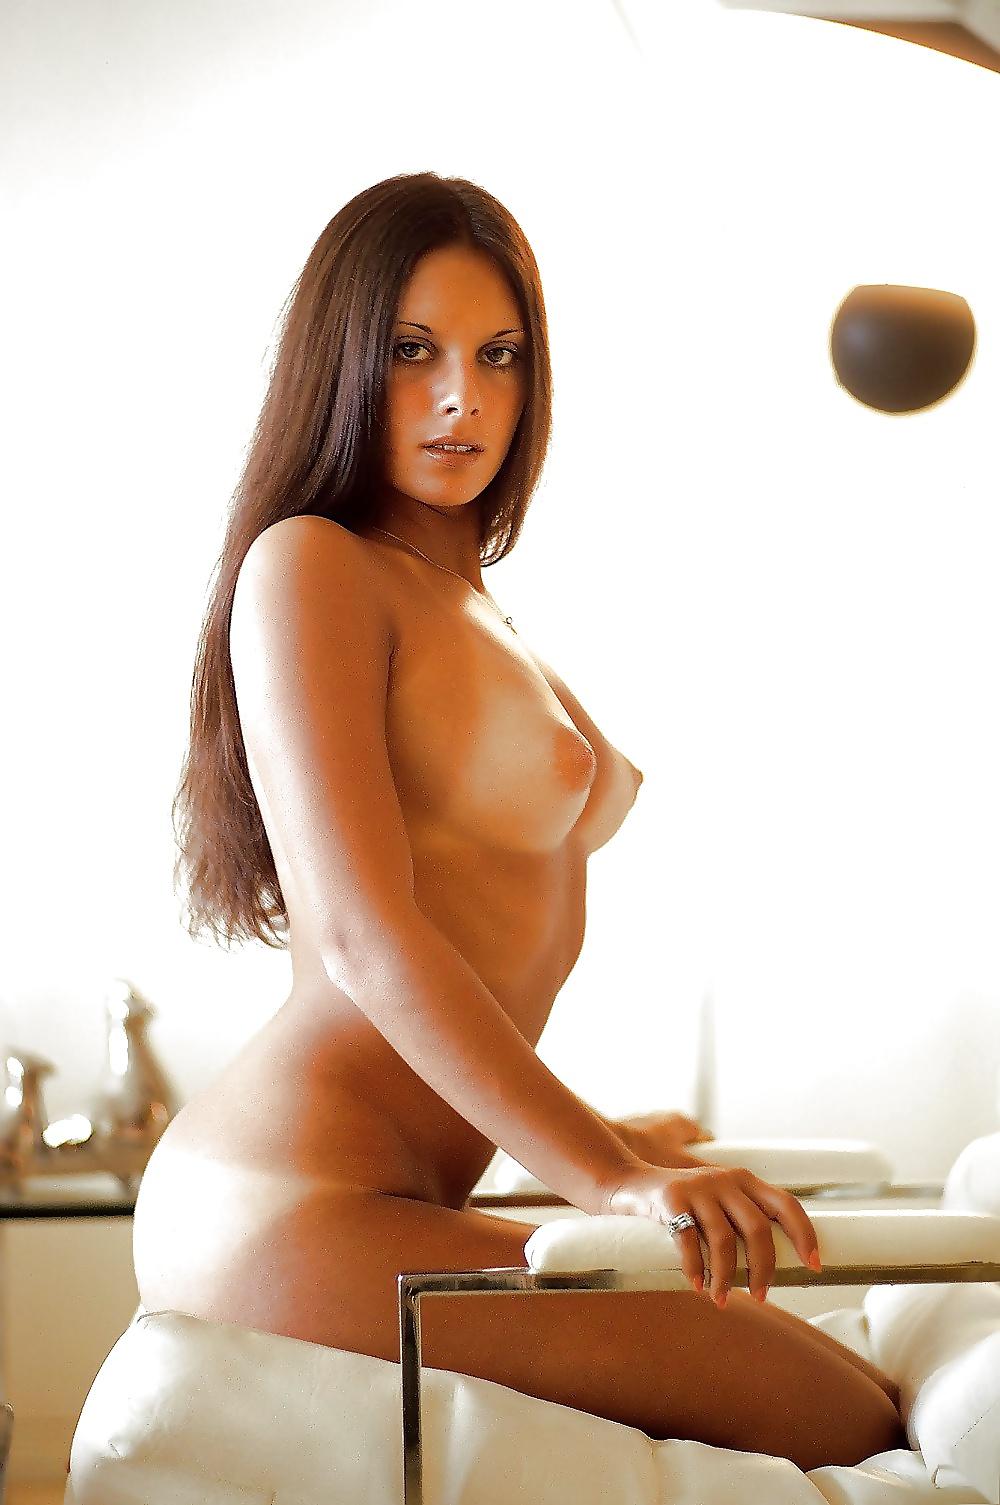 young-ellen-michaels-nude-porno-de-tunisie